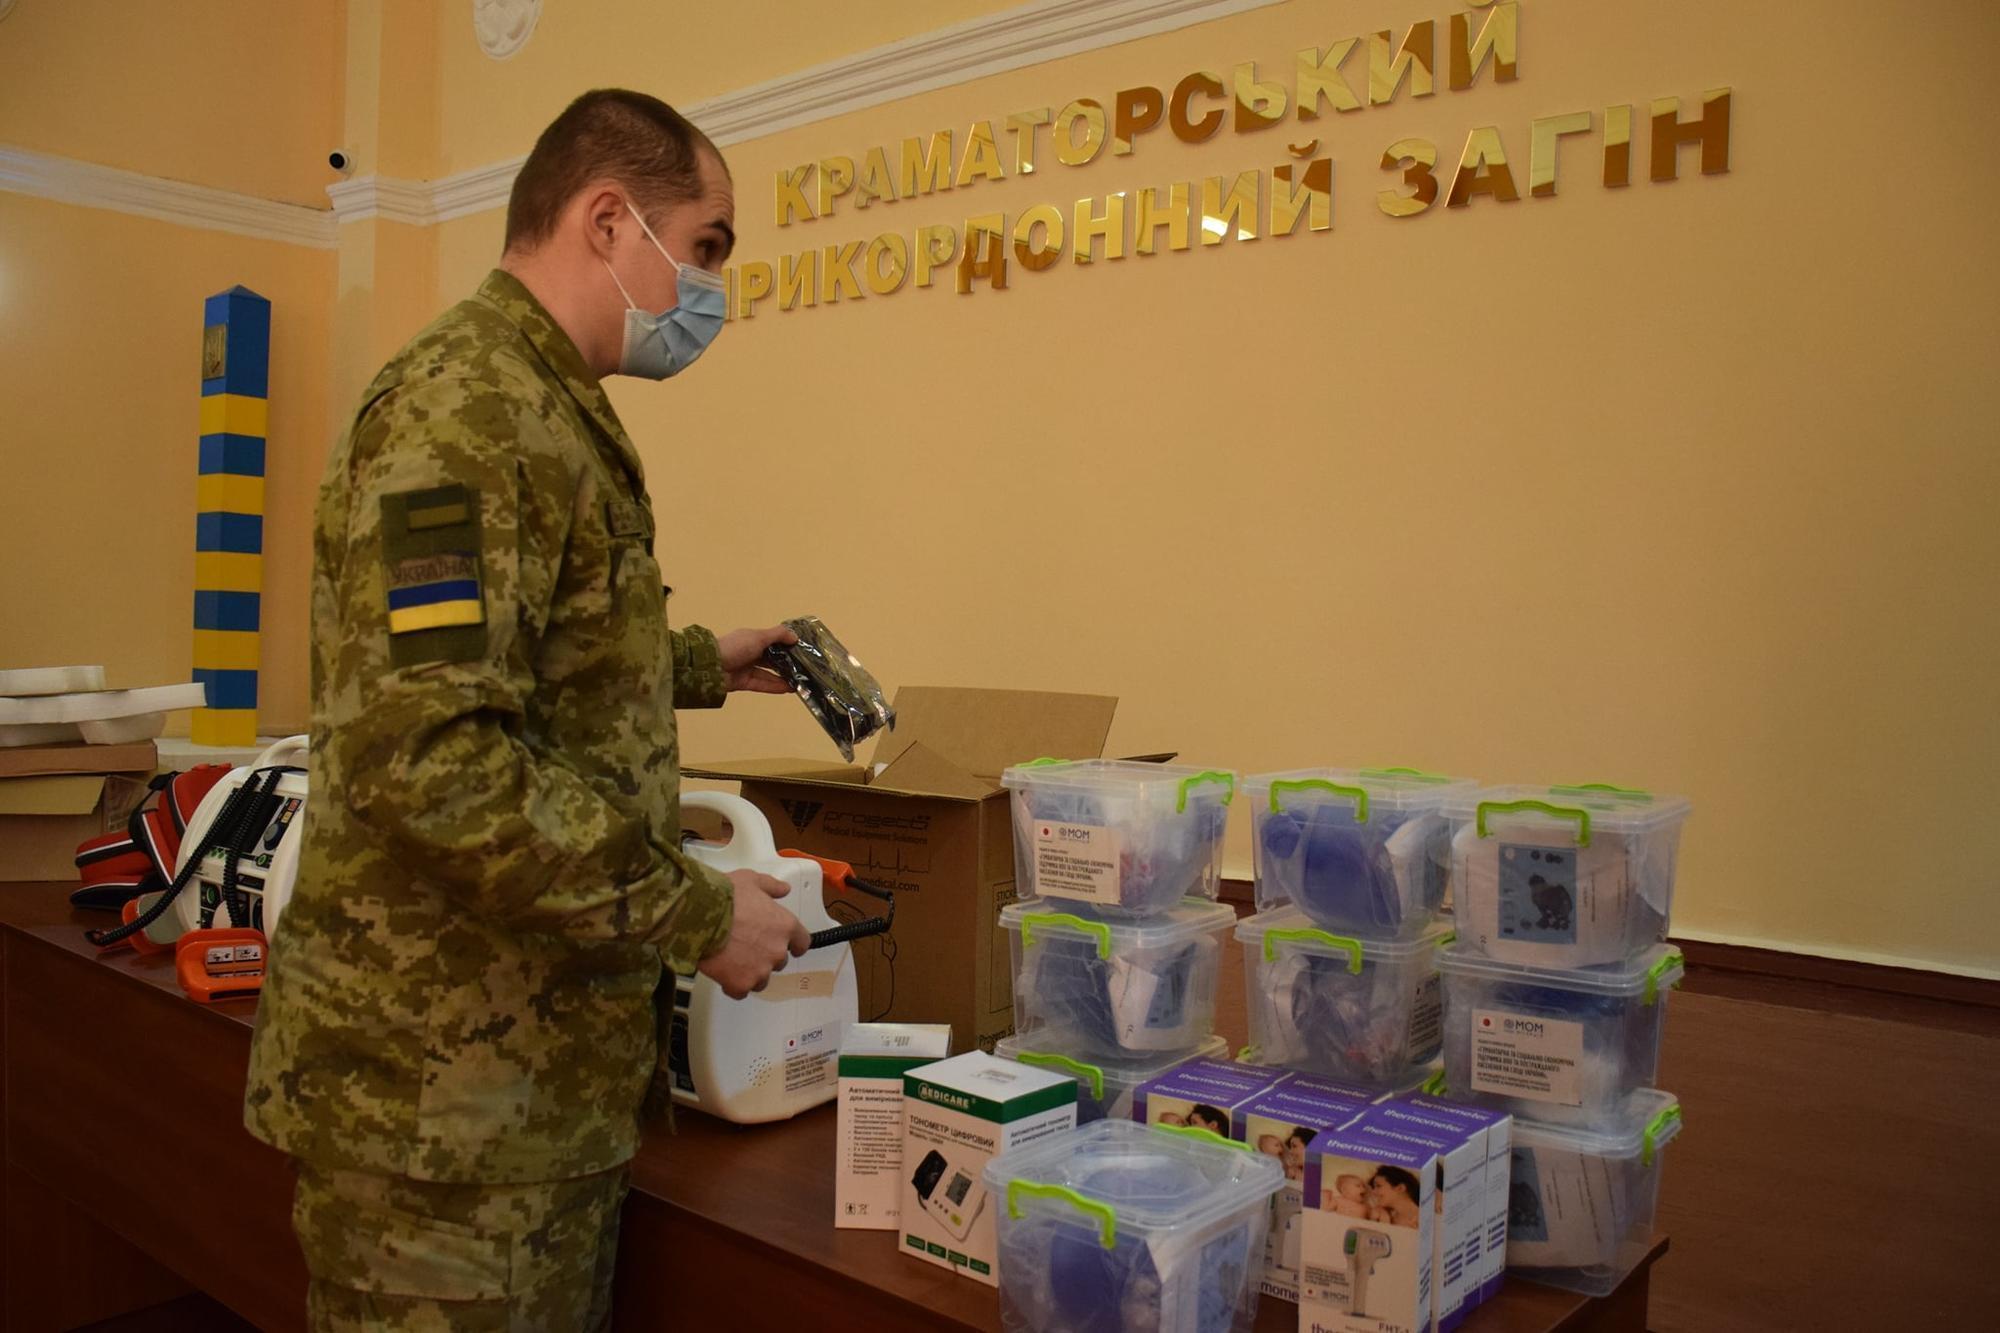 комплекты дефибрилляторов для пограничников в Краматорске